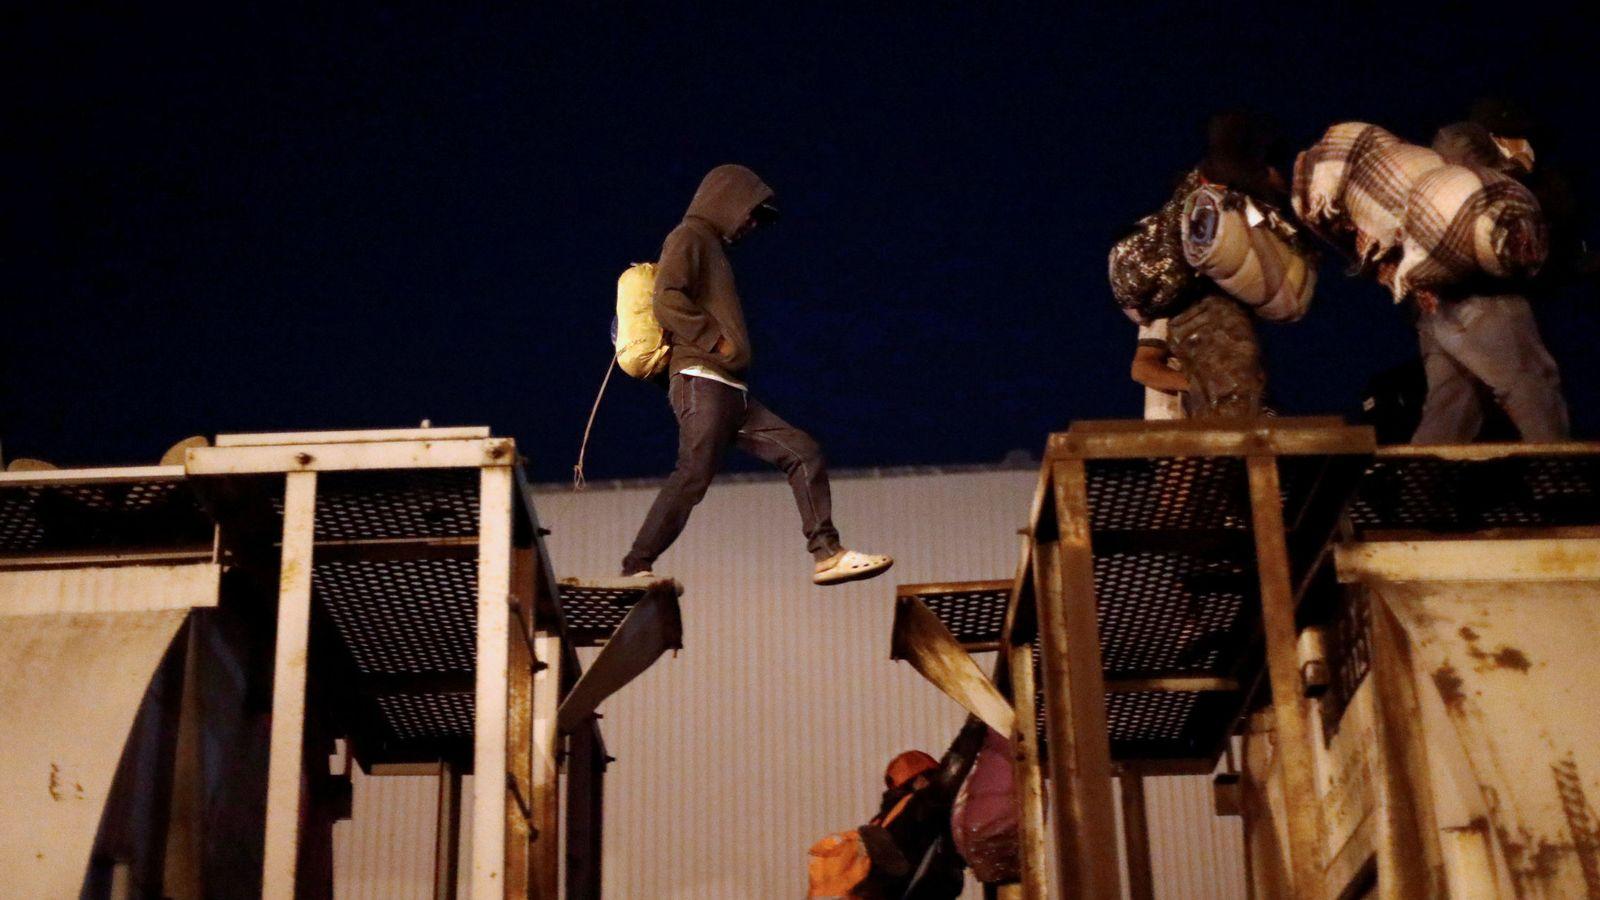 Foto: Inmigrantes centroamericanos saltan de un vagón de tren a otro, parte de una caravana de personas con destino a EEUU, en Tlaquepaque, México, el 19 de abril de 2018. (Reuters)